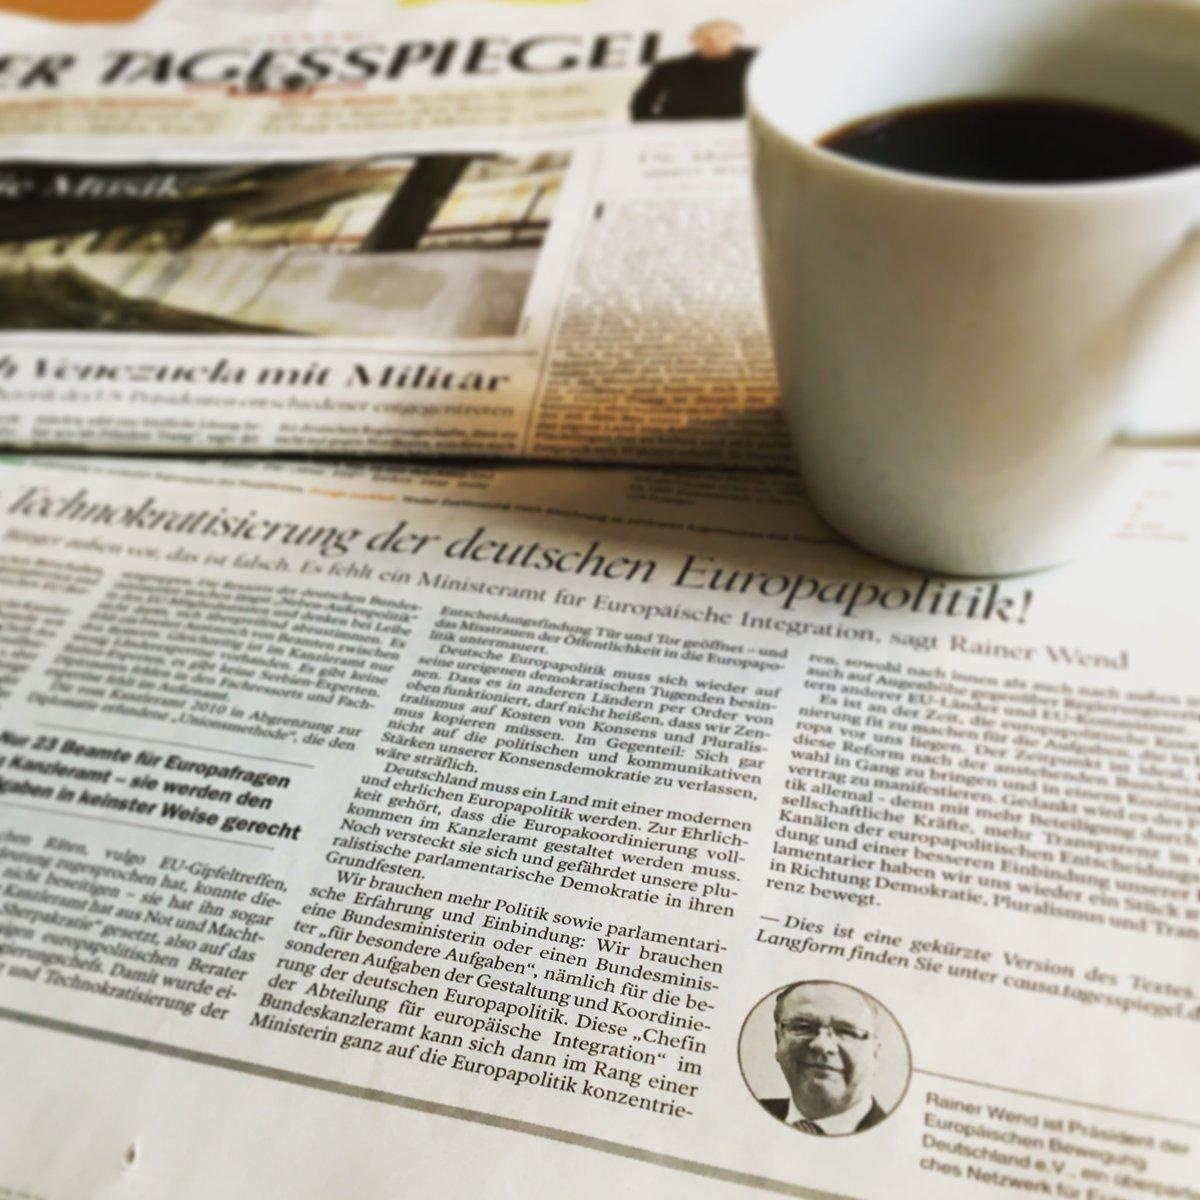 Wir brauchen eine Bundesministerin für europäische Integration | Wend im Tagesspiegel